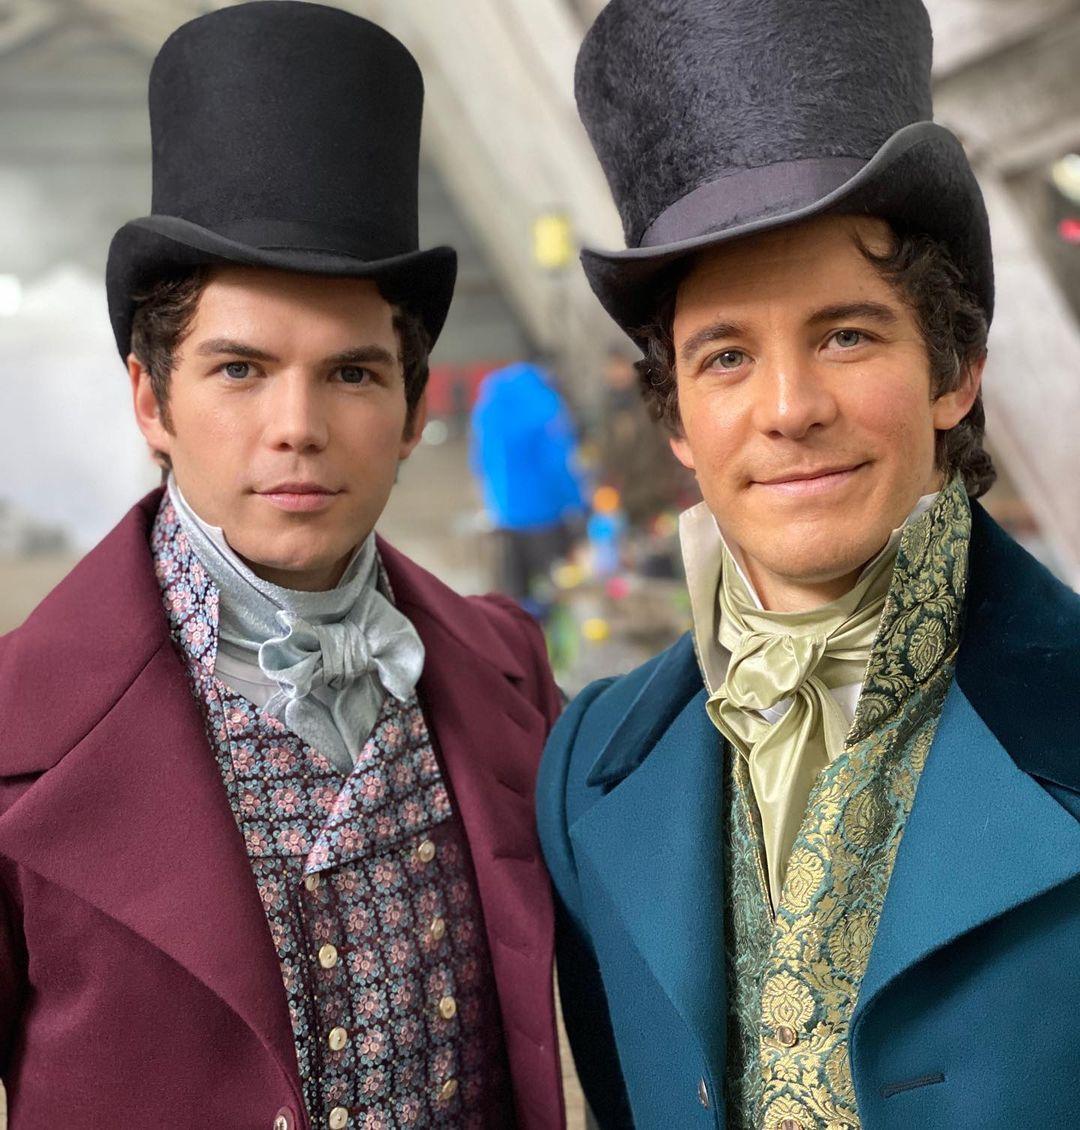 Bendict et Colin seront les prochains protagonistes.  Photo: (Netflix)